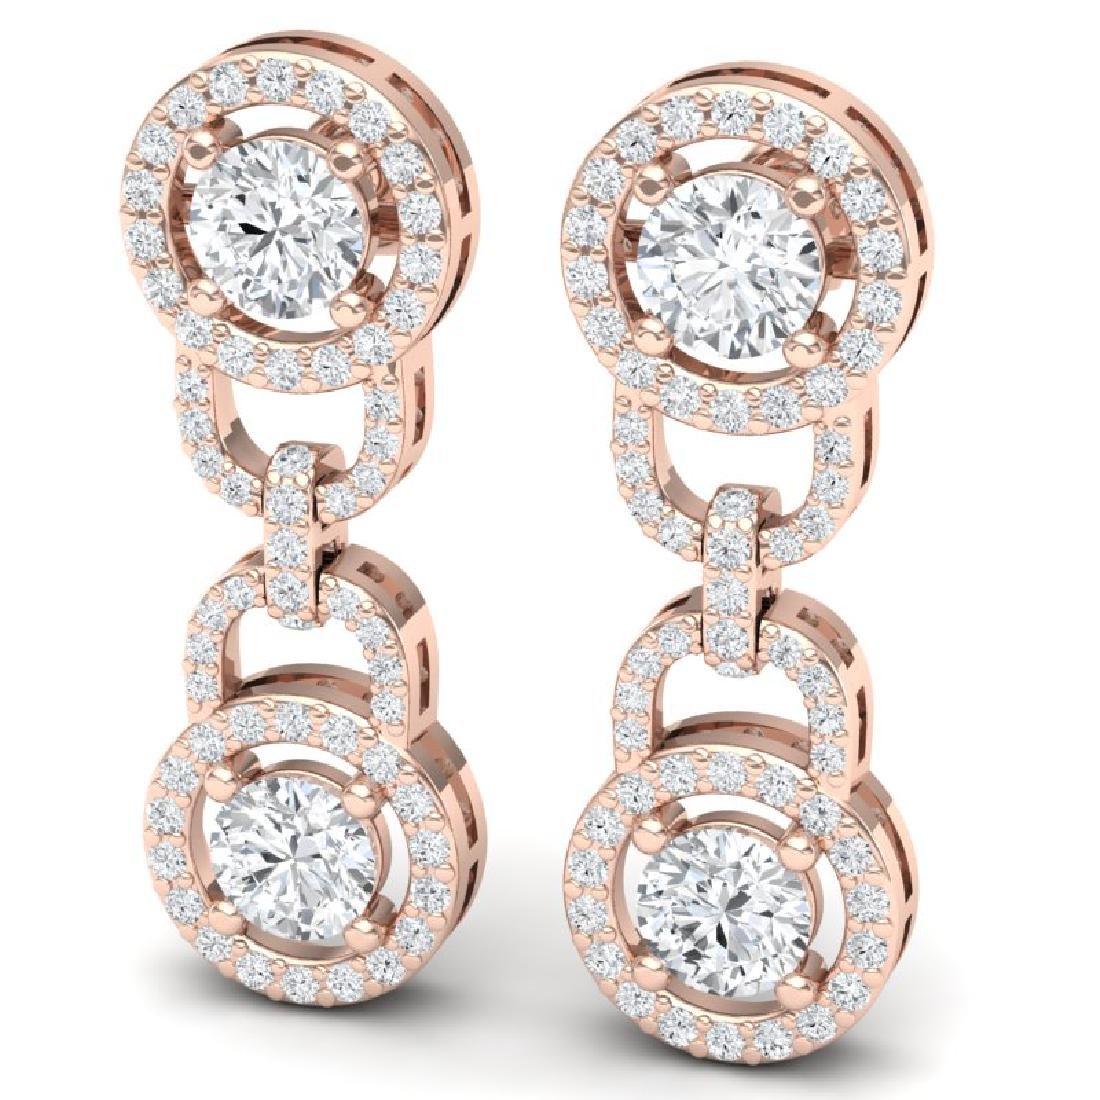 4 CTW Certified SI/I Diamond Halo Earrings 18K Rose